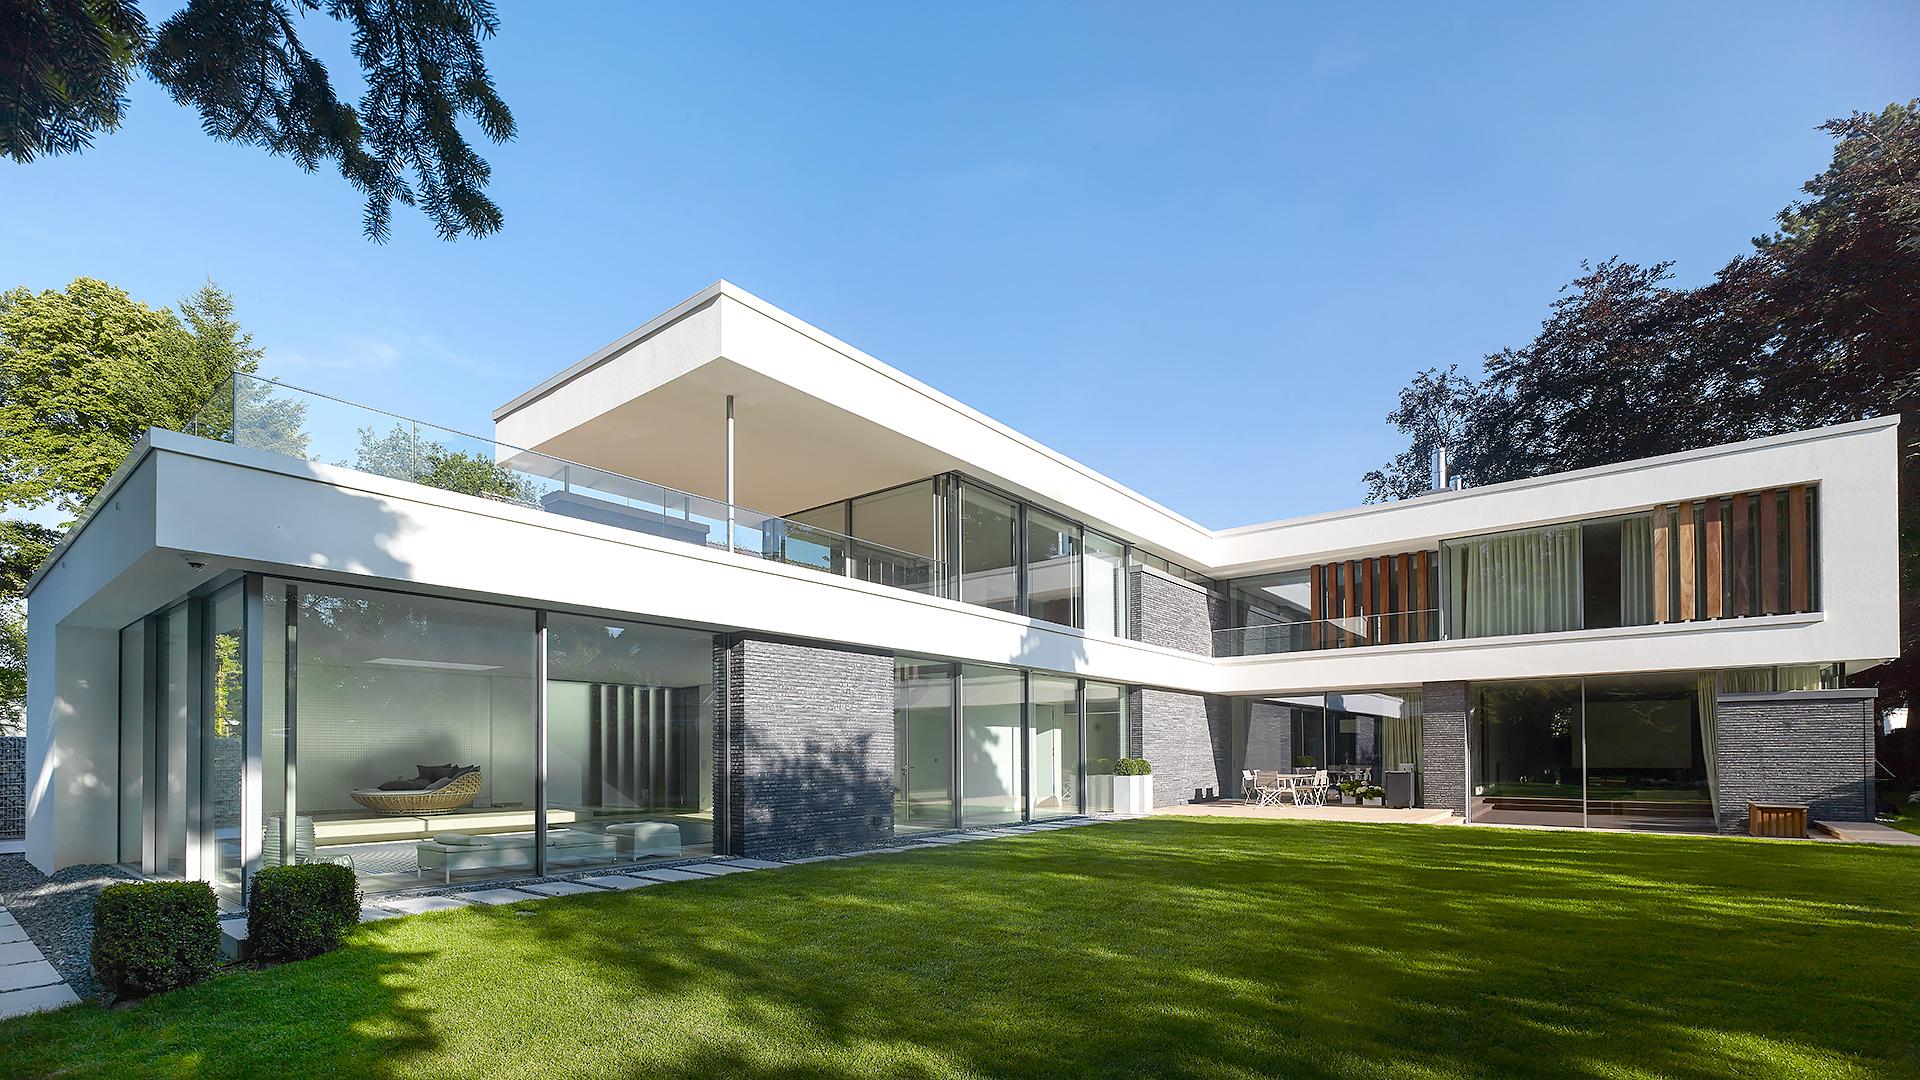 Architekt Hannover referenzen jung architekturbüro innenarchitekturbüro hildesheim